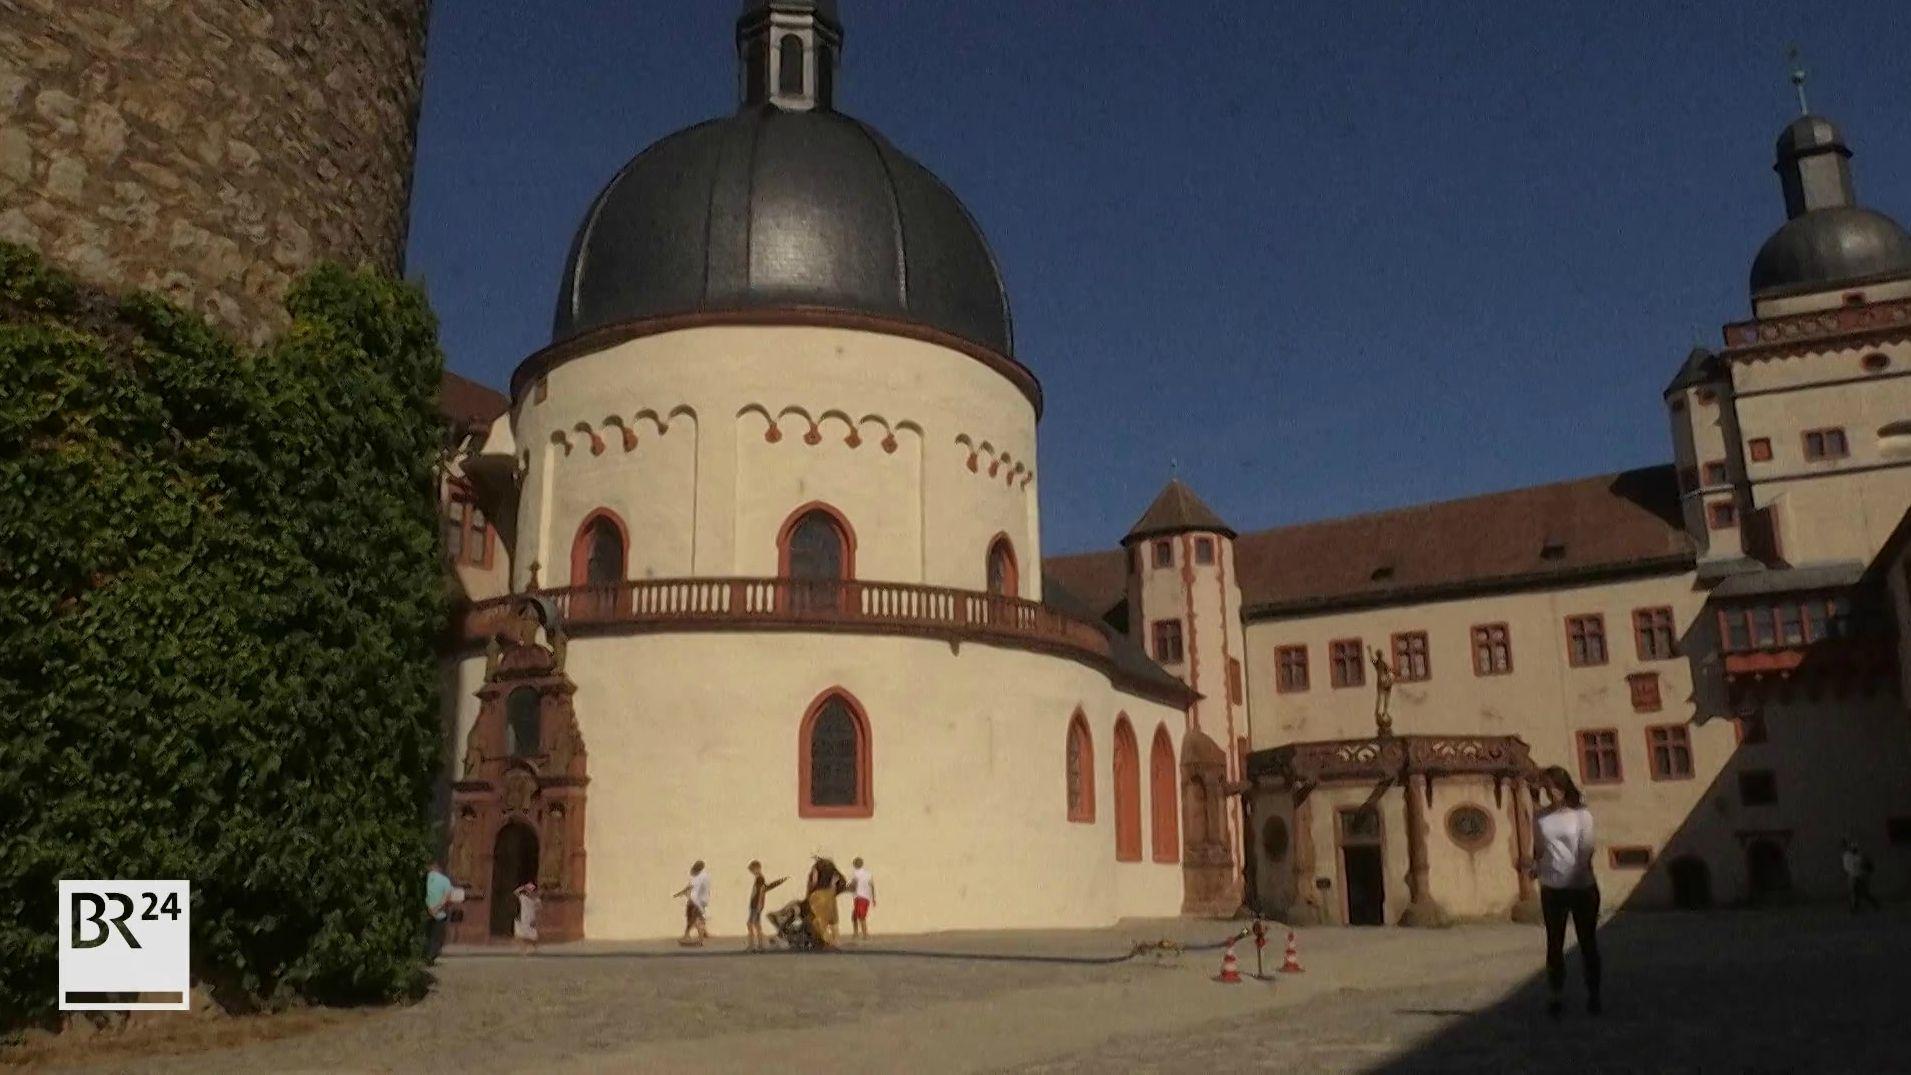 Marienkirche in der Festung Marienberg, Würzburg